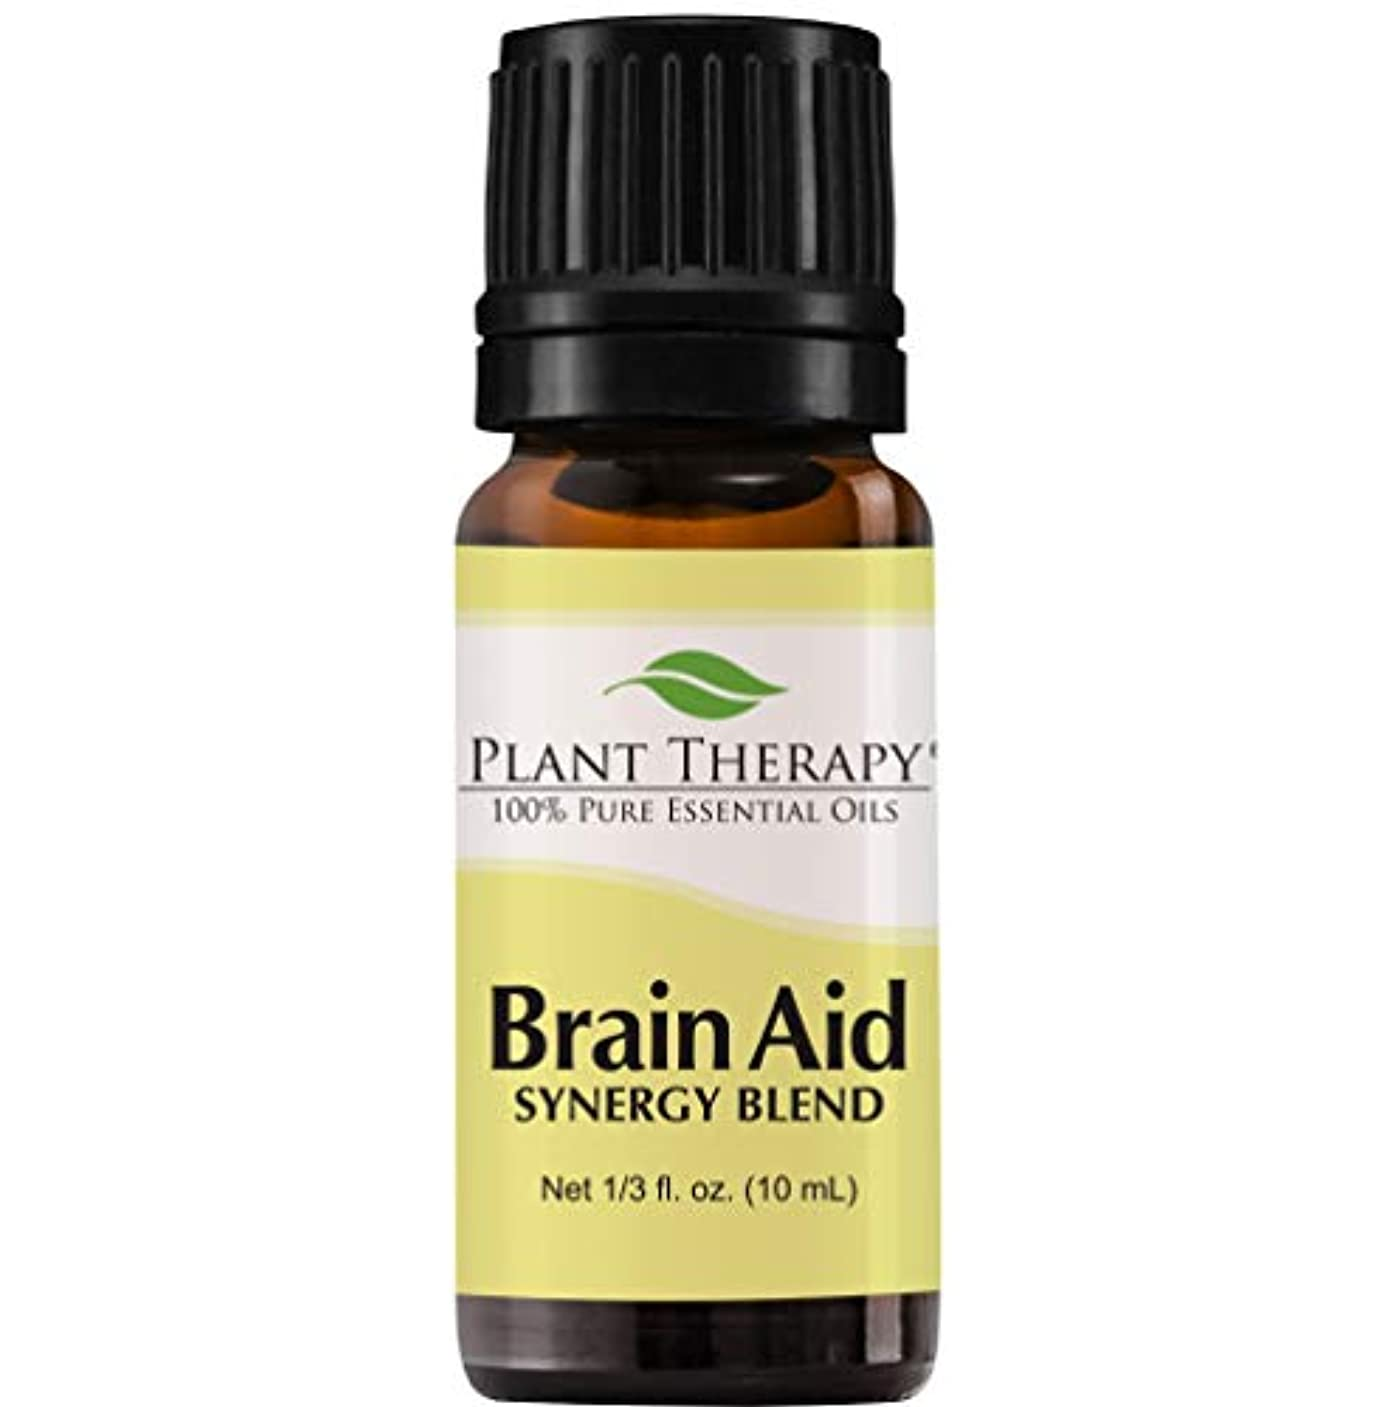 グラマー継続中オゾン脳援助シナジー(精神的な焦点と明確にするため)。エッセンシャルオイルブレンド。 10ミリリットル(1/3オンス)。 100%ピュア、希釈していない、治療グレード。